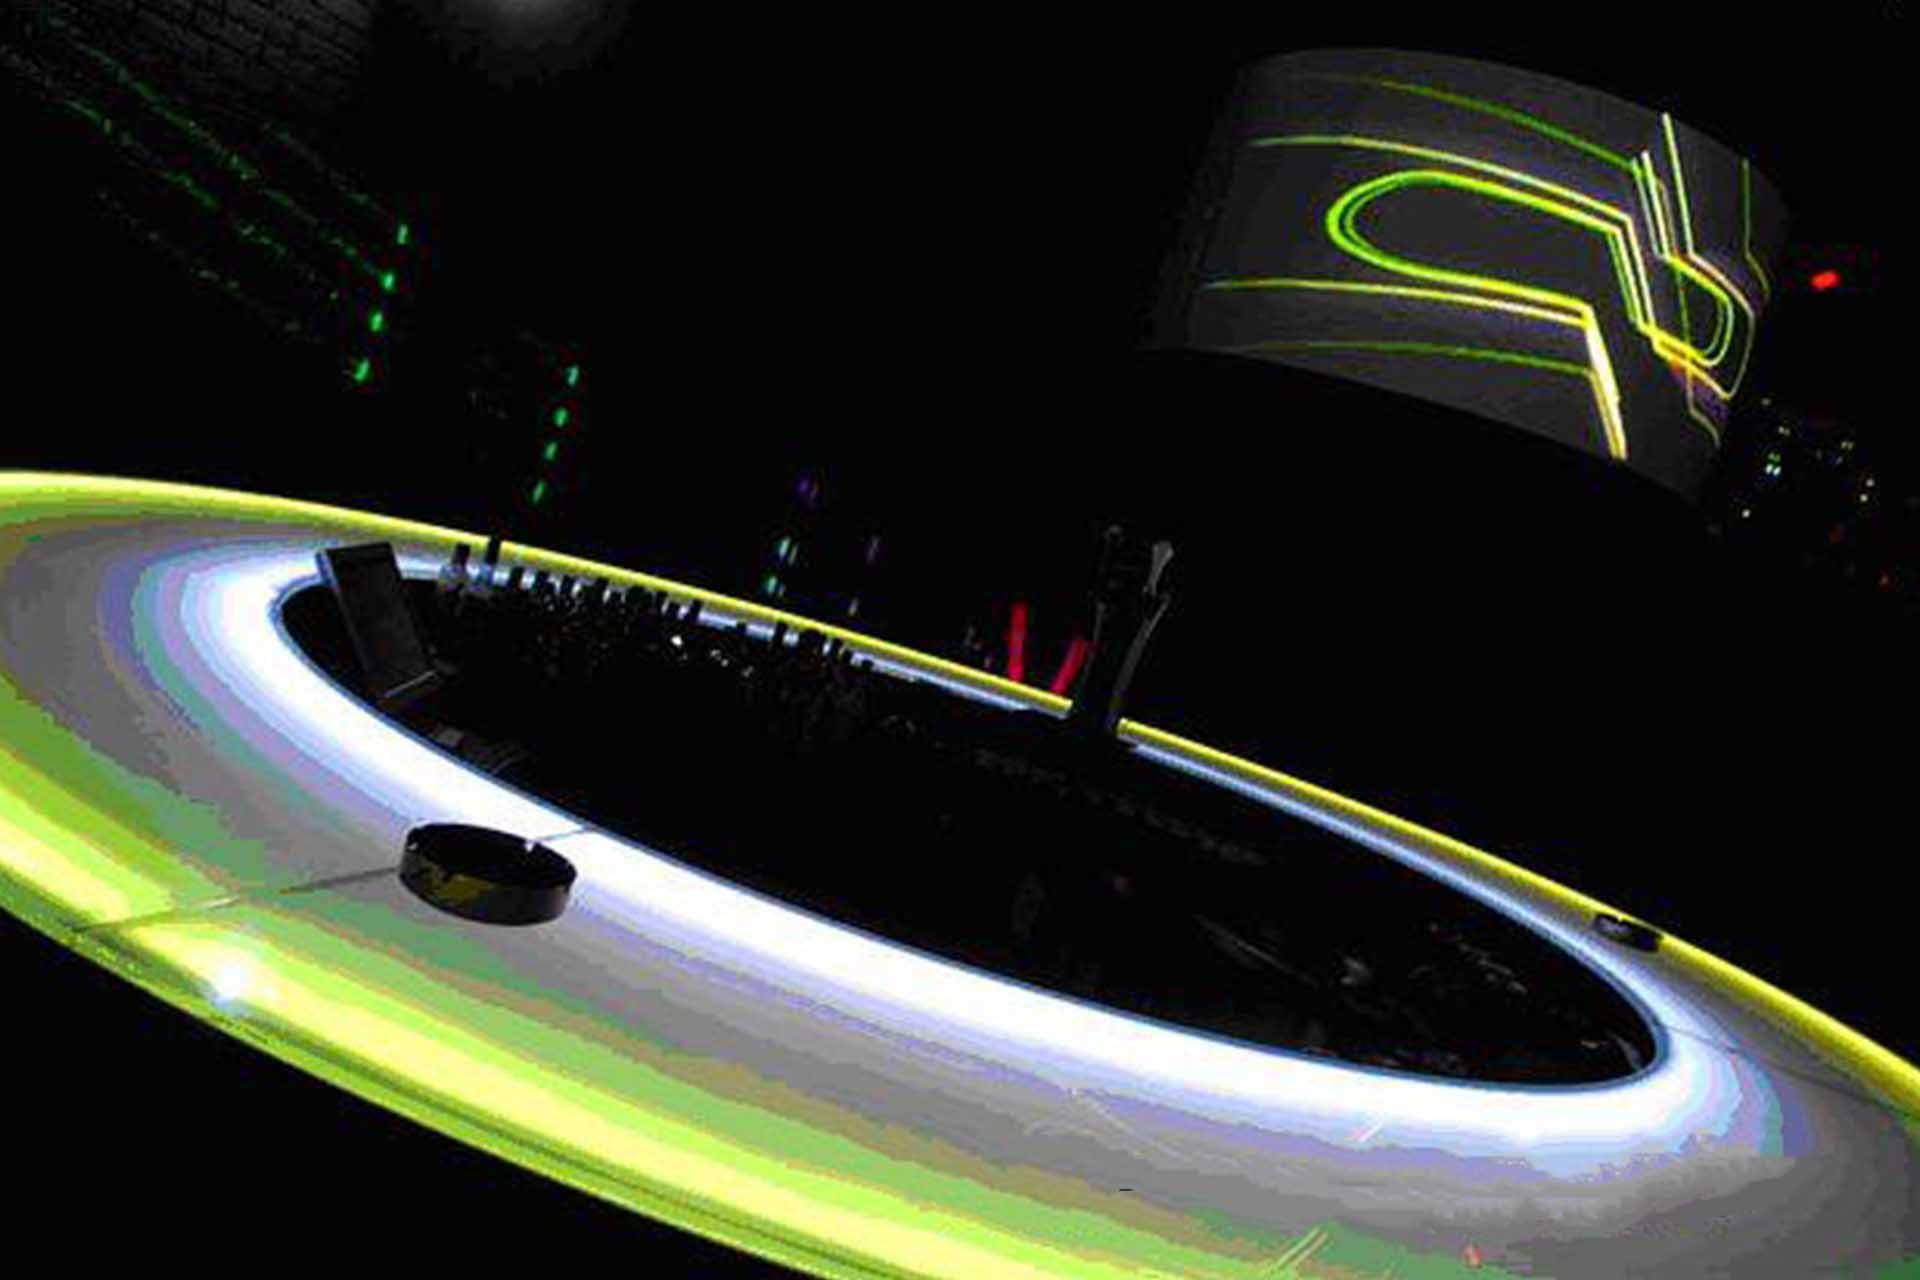 bar-discoteca-6-1-1-1.jpg